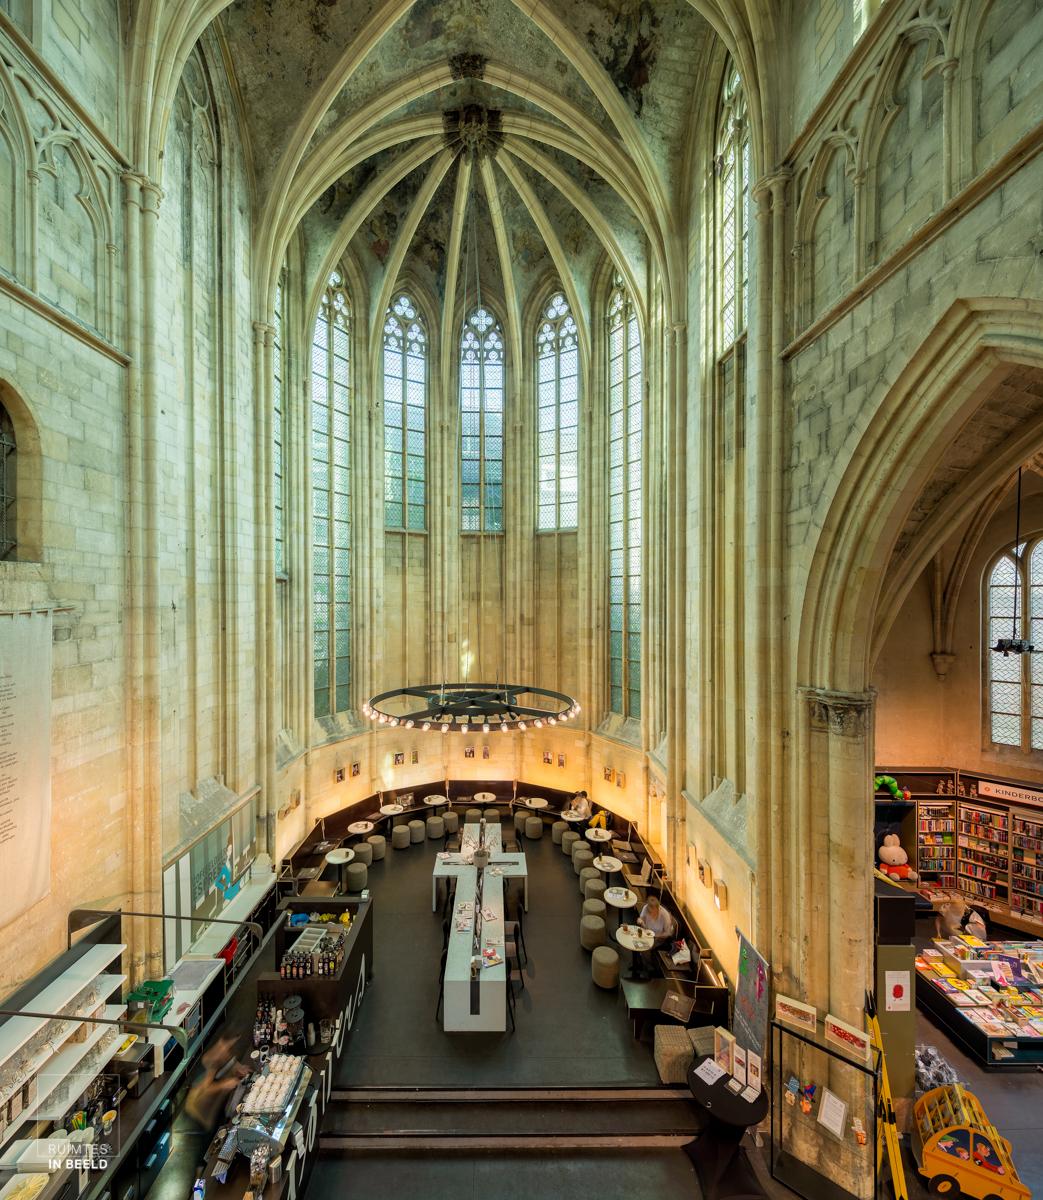 Interieur van de Boekhandel Dominicanen, een van de mooiste boekwinkels ter wereld   One of the most beautiful bookstores in the world, the Dominicanen Bookstore in Maastricht, Netherlands